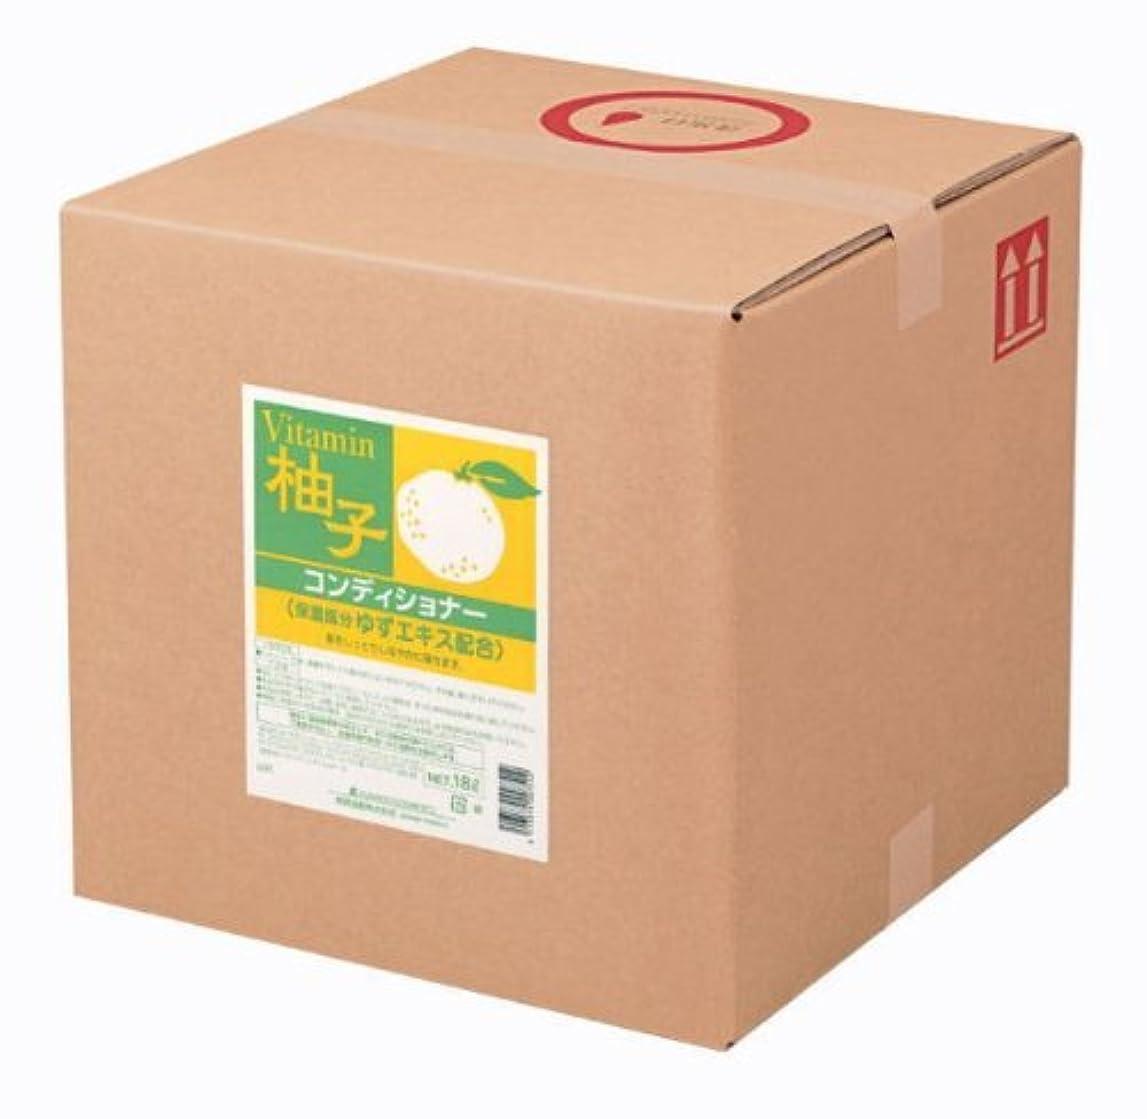 現代フィドル研究熊野油脂 業務用 柚子 コンディショナー 18L